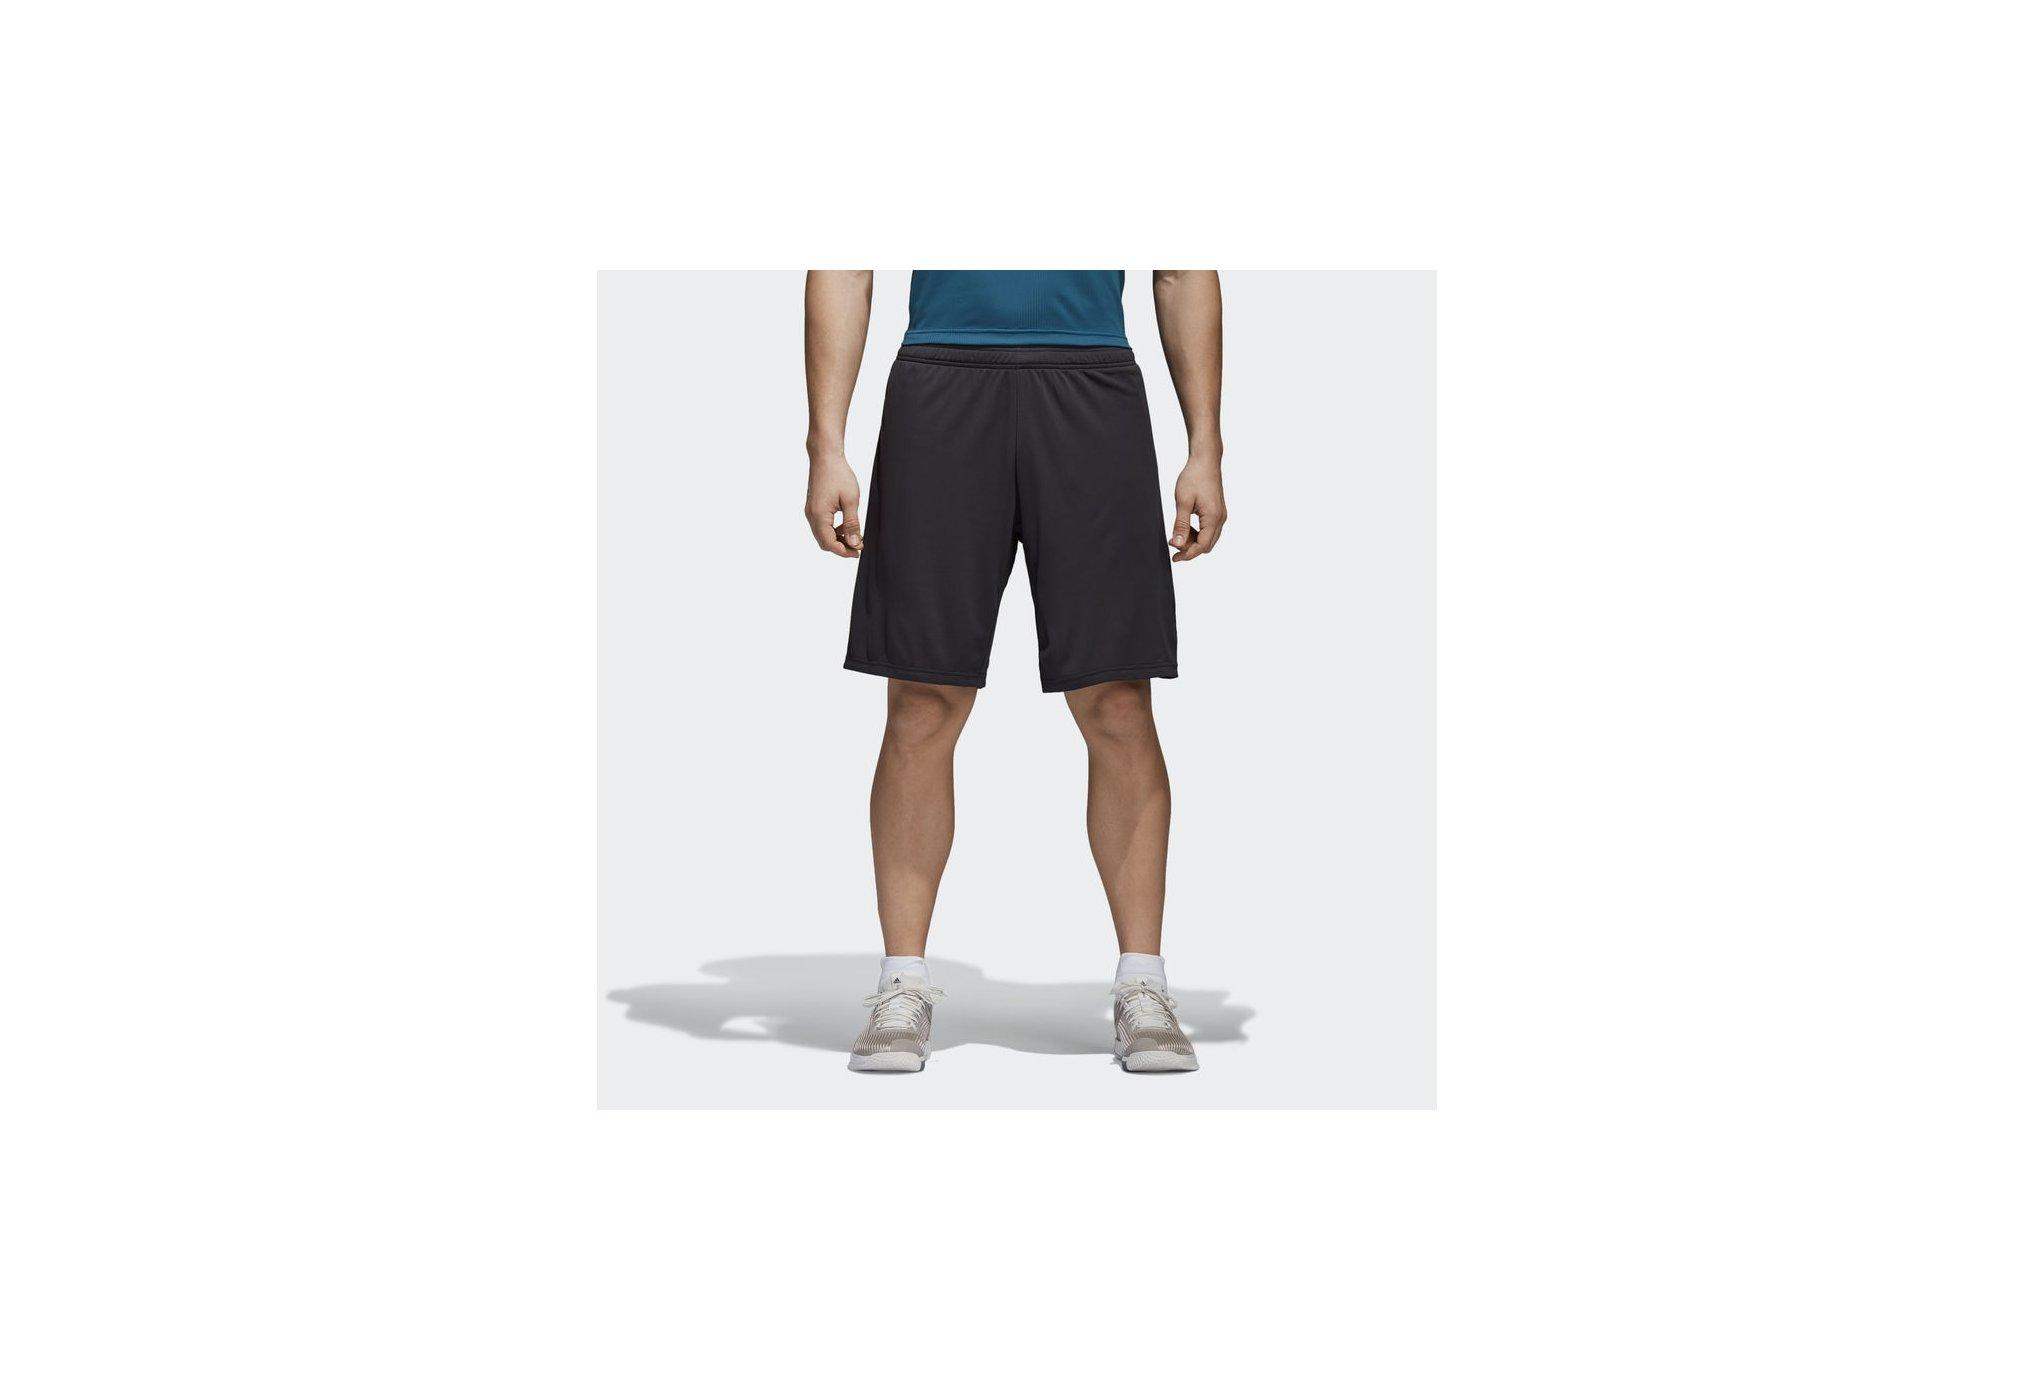 Adidas 4krft m vêtement running homme